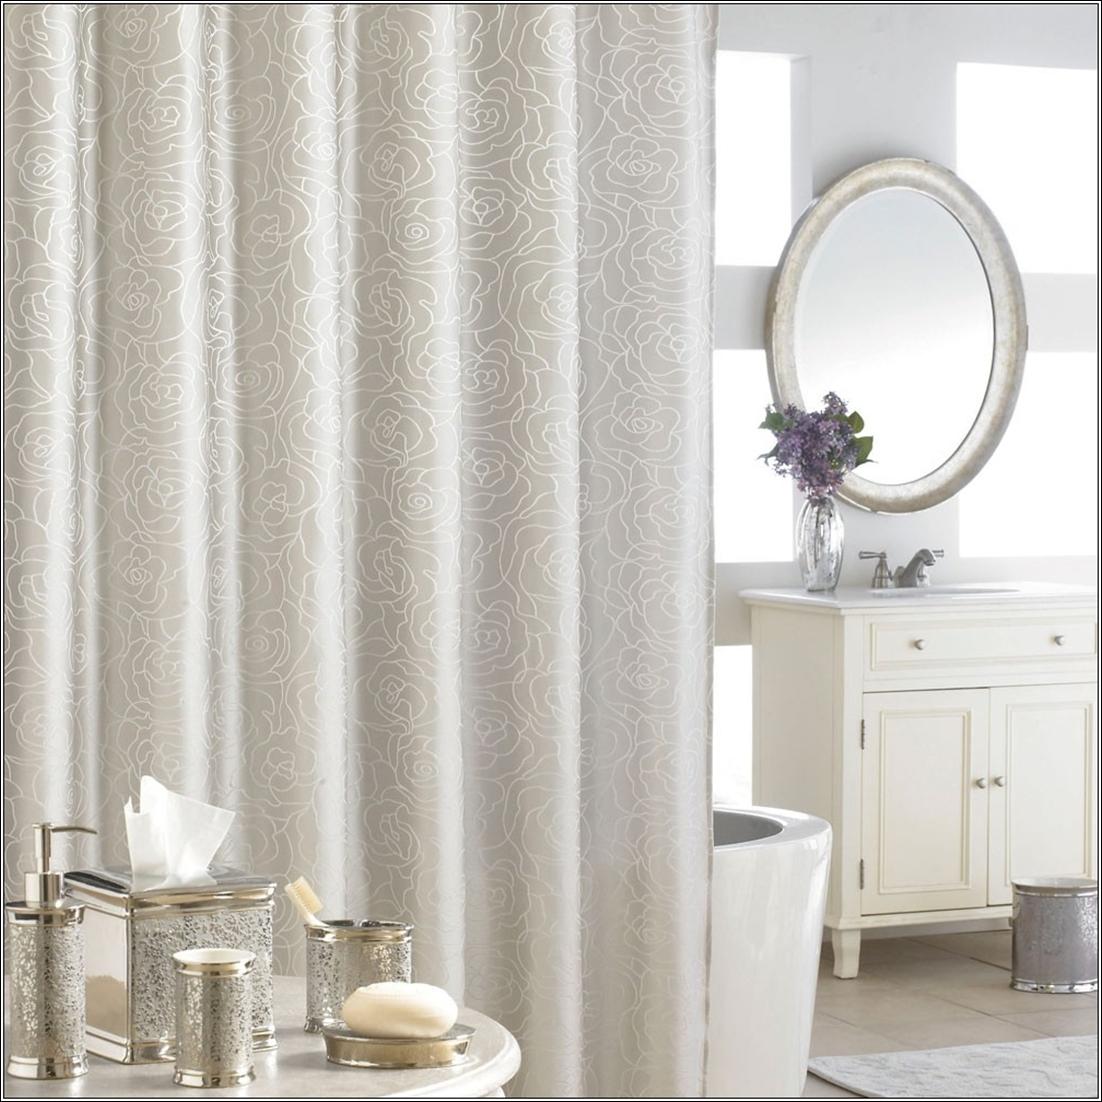 Deco chambre interieur rideaux de douche l gants pour for Rideaux pour salle de bain